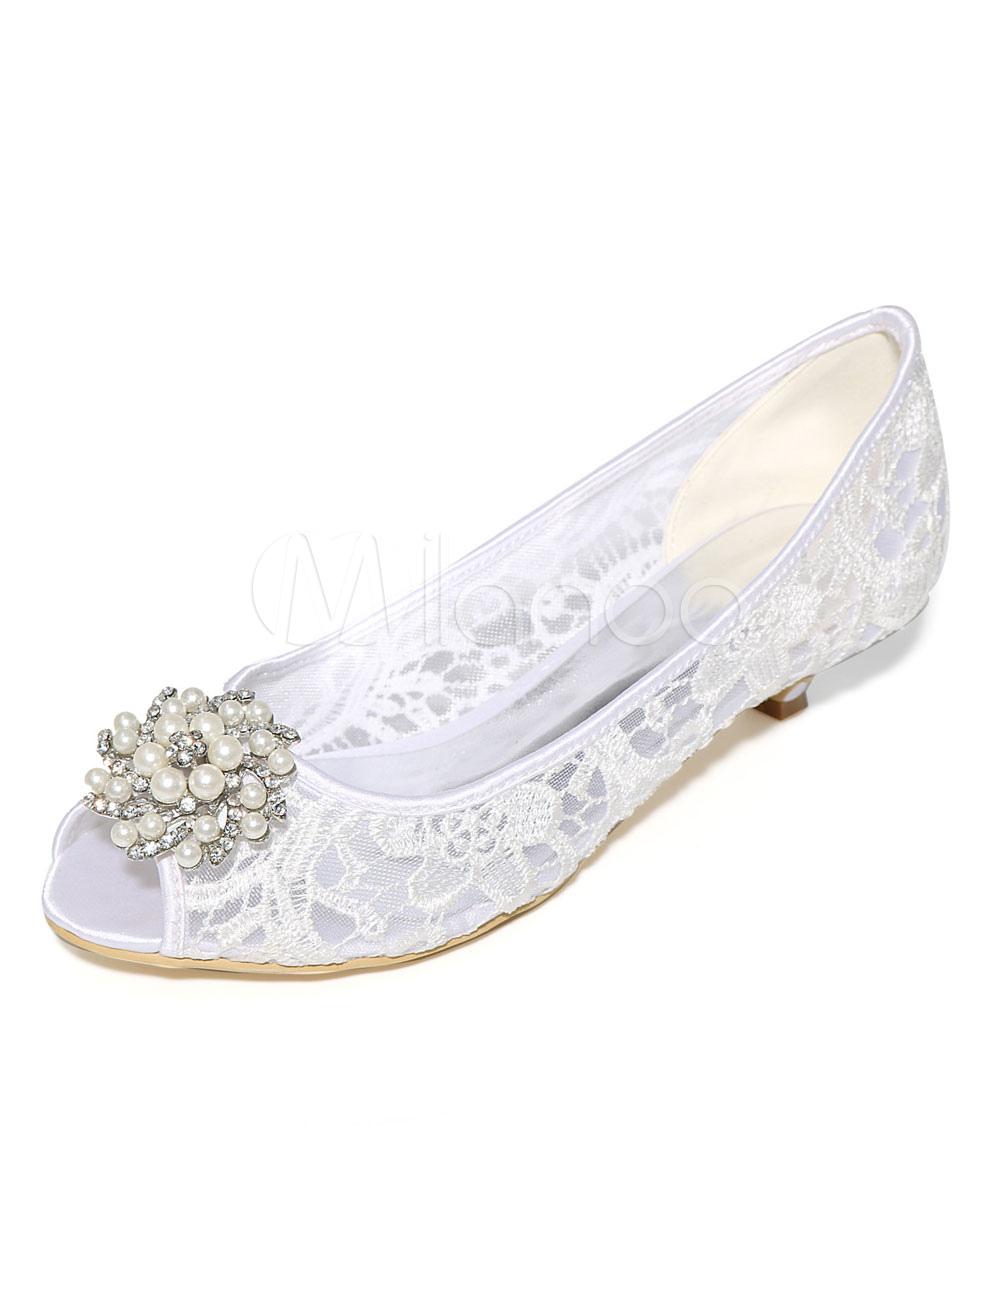 Women's Wedding Shoes Ivory Lace Pearls Rhinestones Kitten Heel Pumps